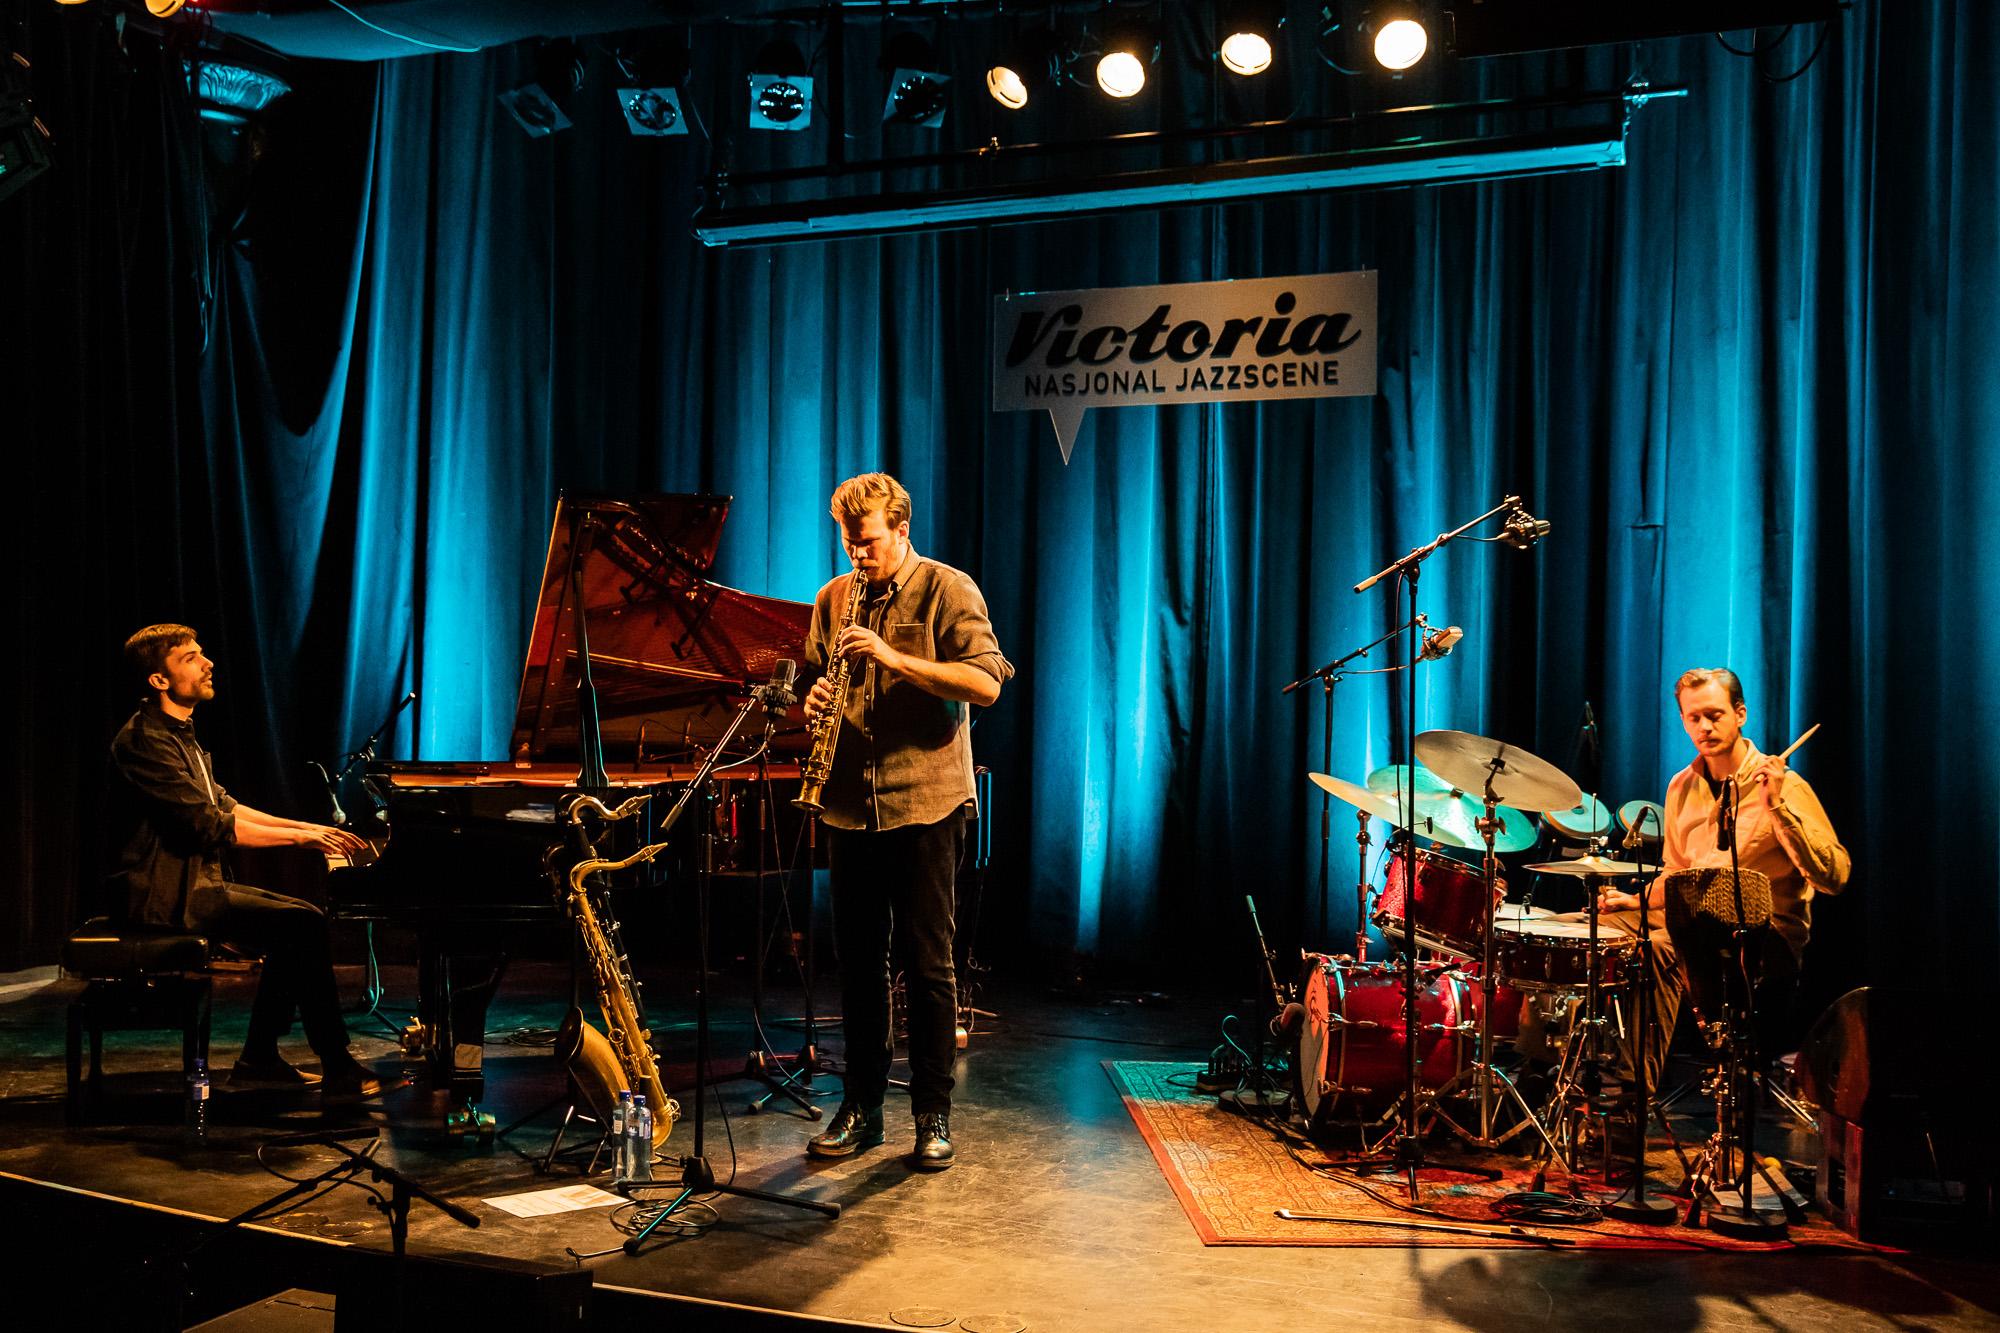 Jonas Cambien Trio @ Victoria